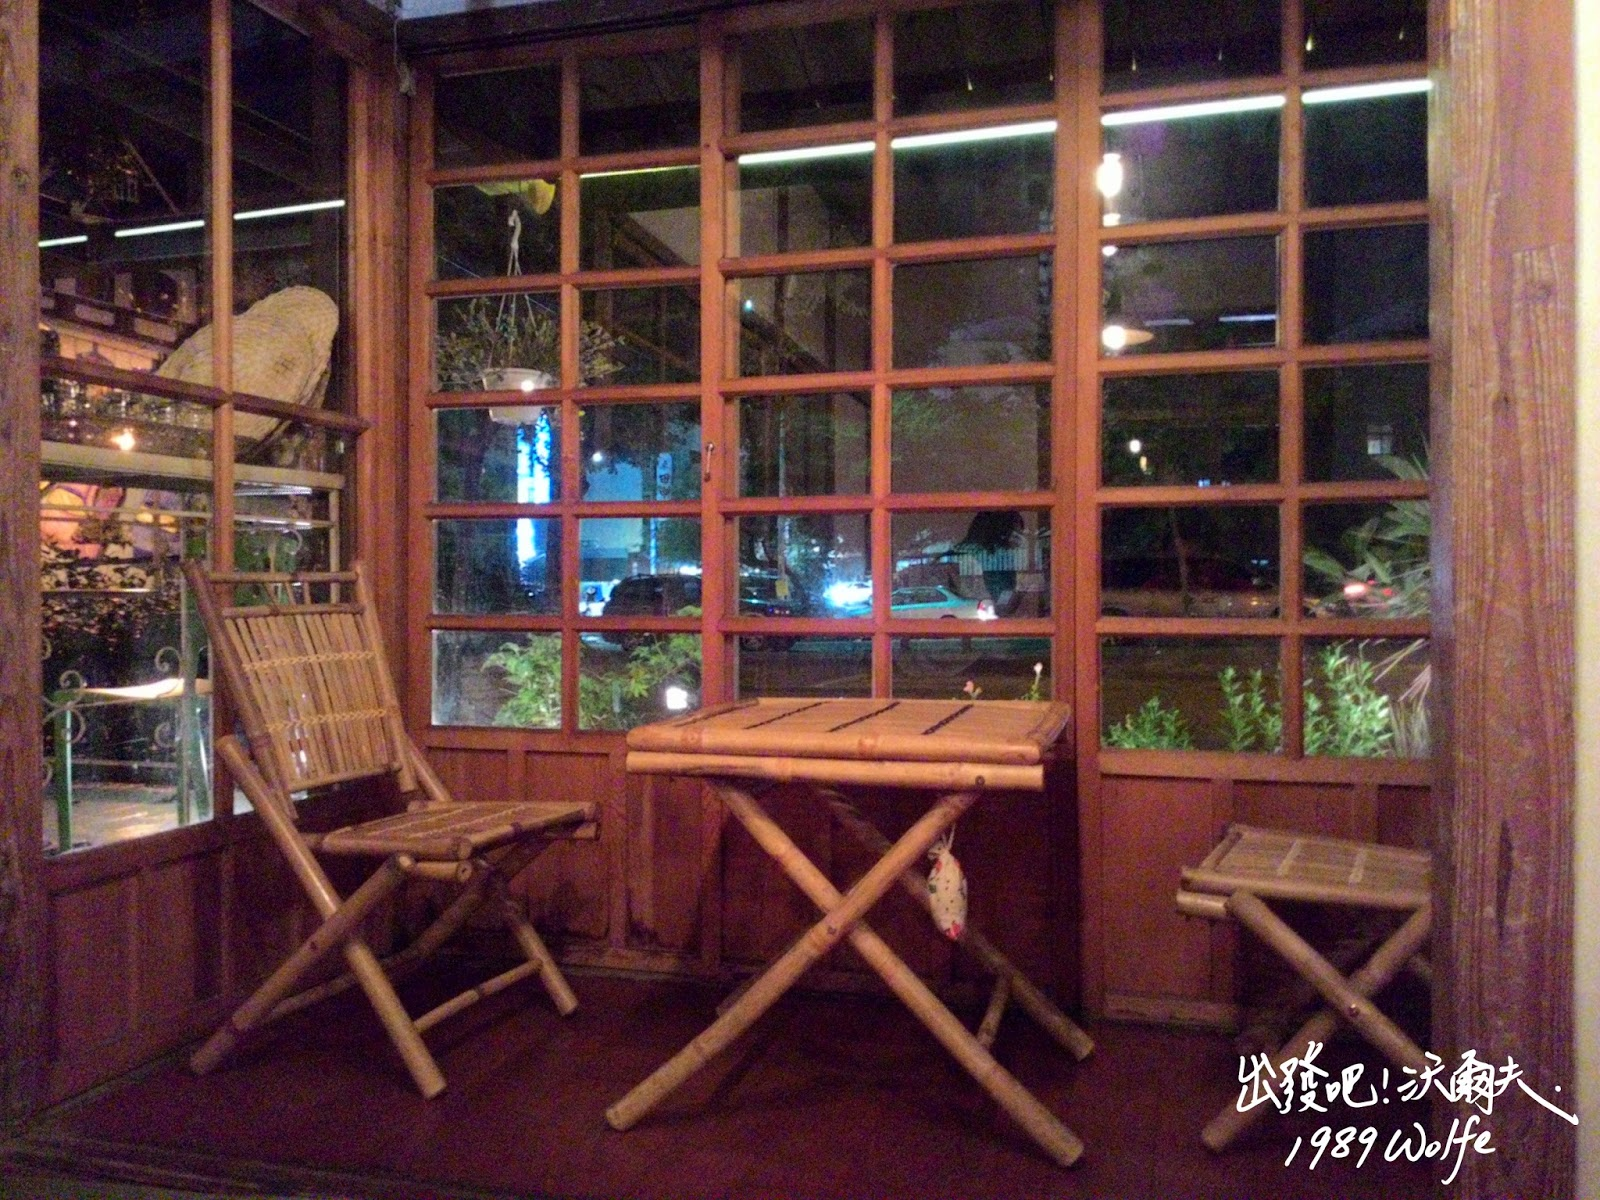 雲林斗六咖啡餐廳推薦 凹凸咖啡 漫步斗六人文景點休憩站 - 出發吧! 沃爾夫.